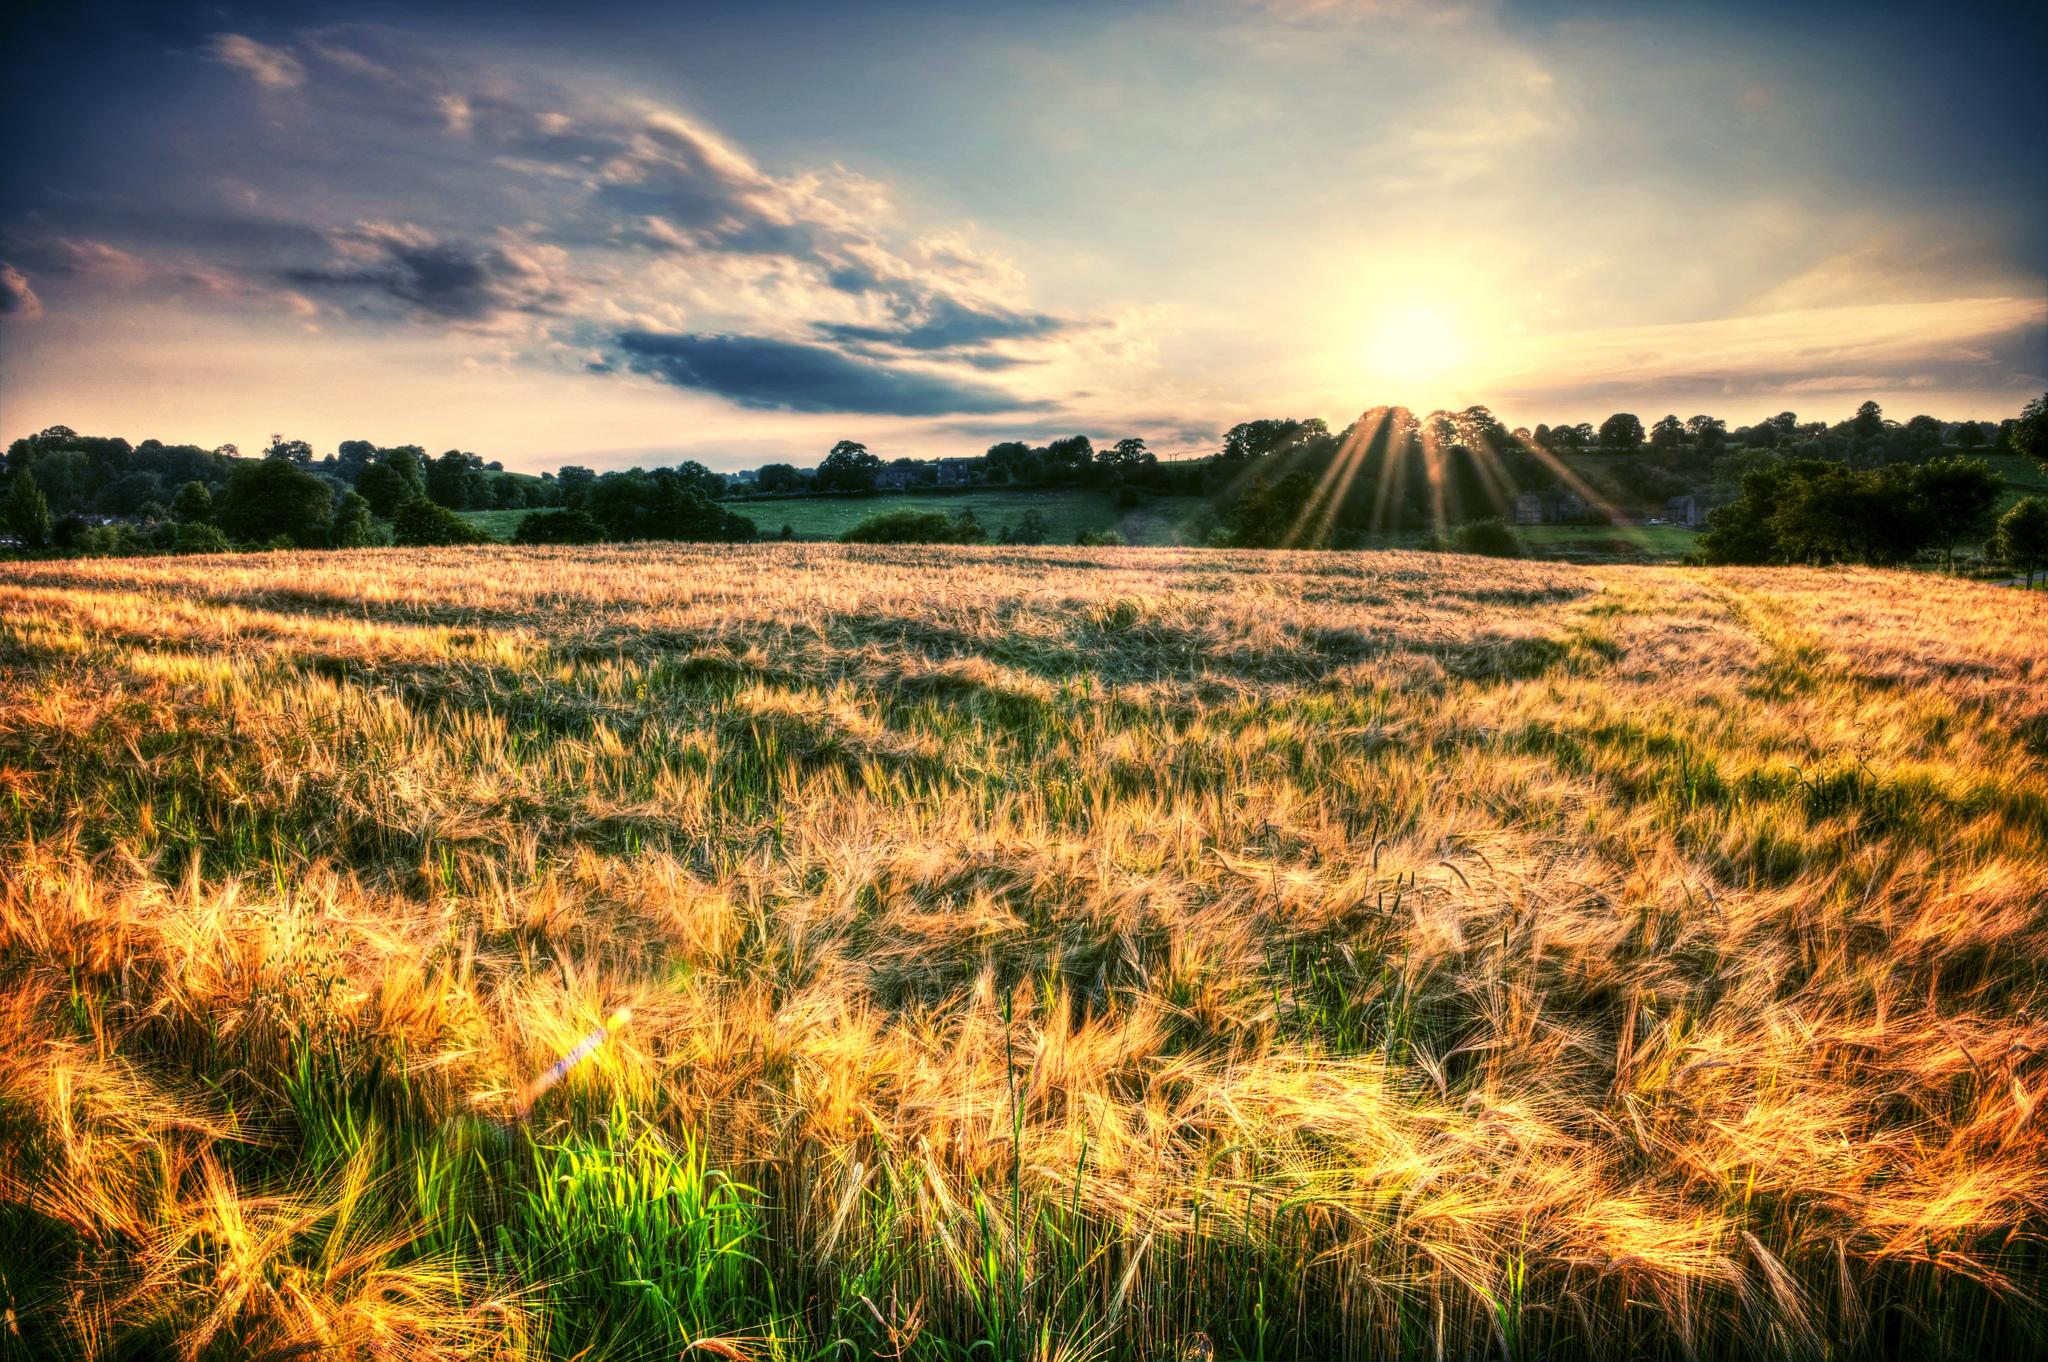 природа трава горизонт солнце деревья  № 2760795 бесплатно